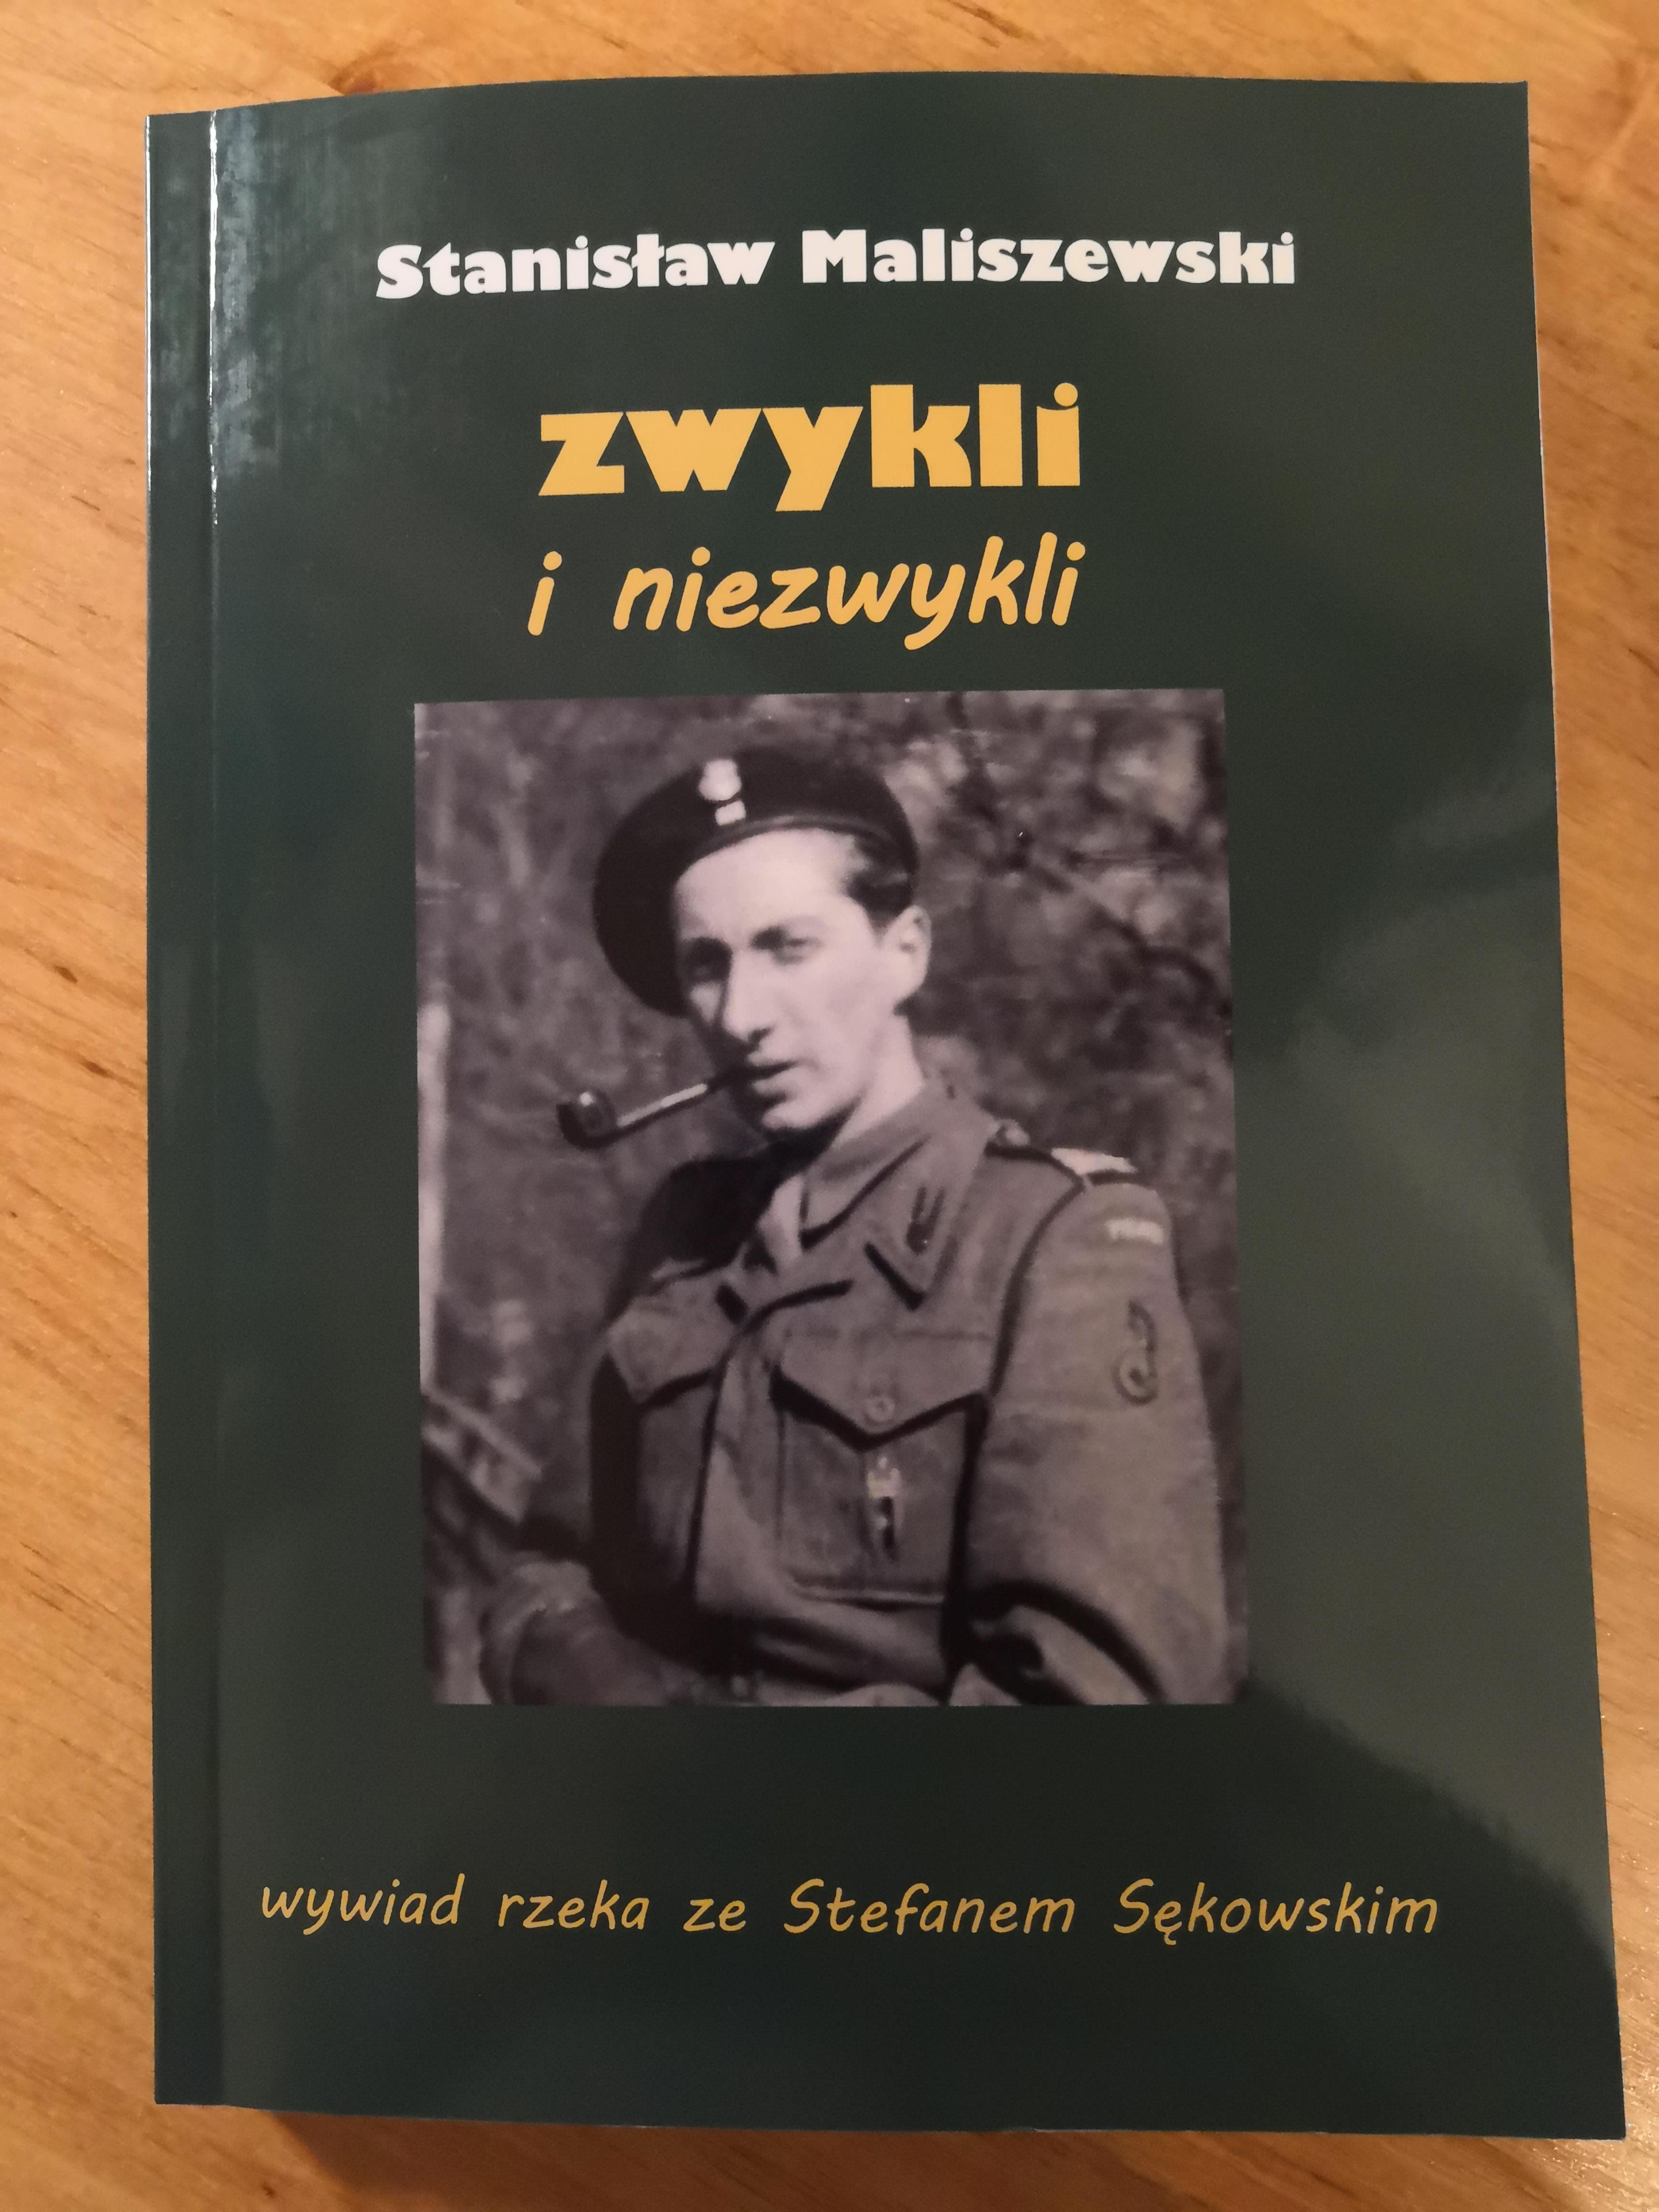 Zwykli i niezwykli Wywiad rzeka ze Stefanem Sękowskim (St.Maliszewski)